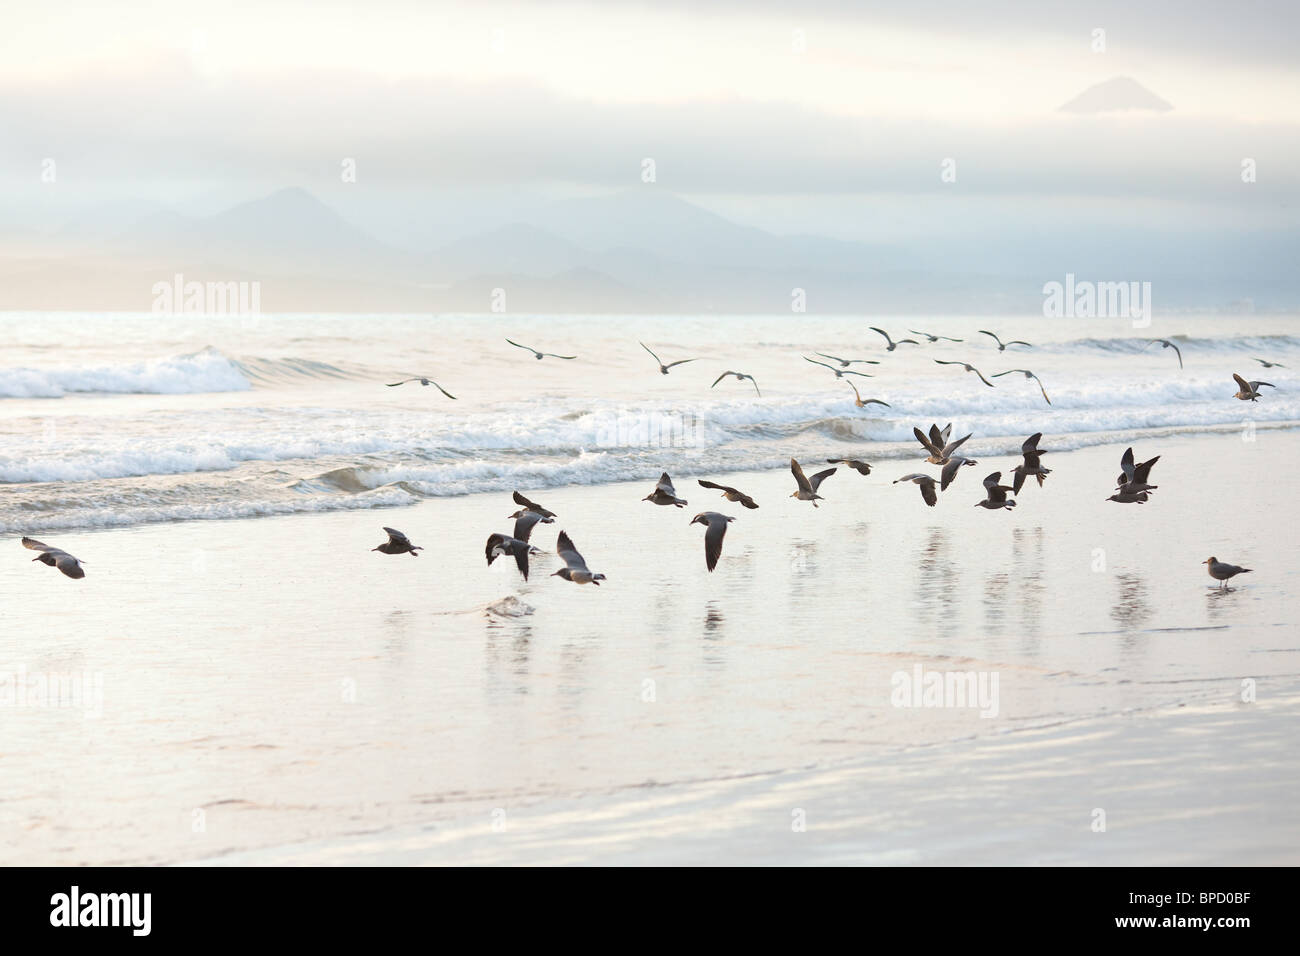 Flock of Seagulls sulla spiaggia Immagini Stock